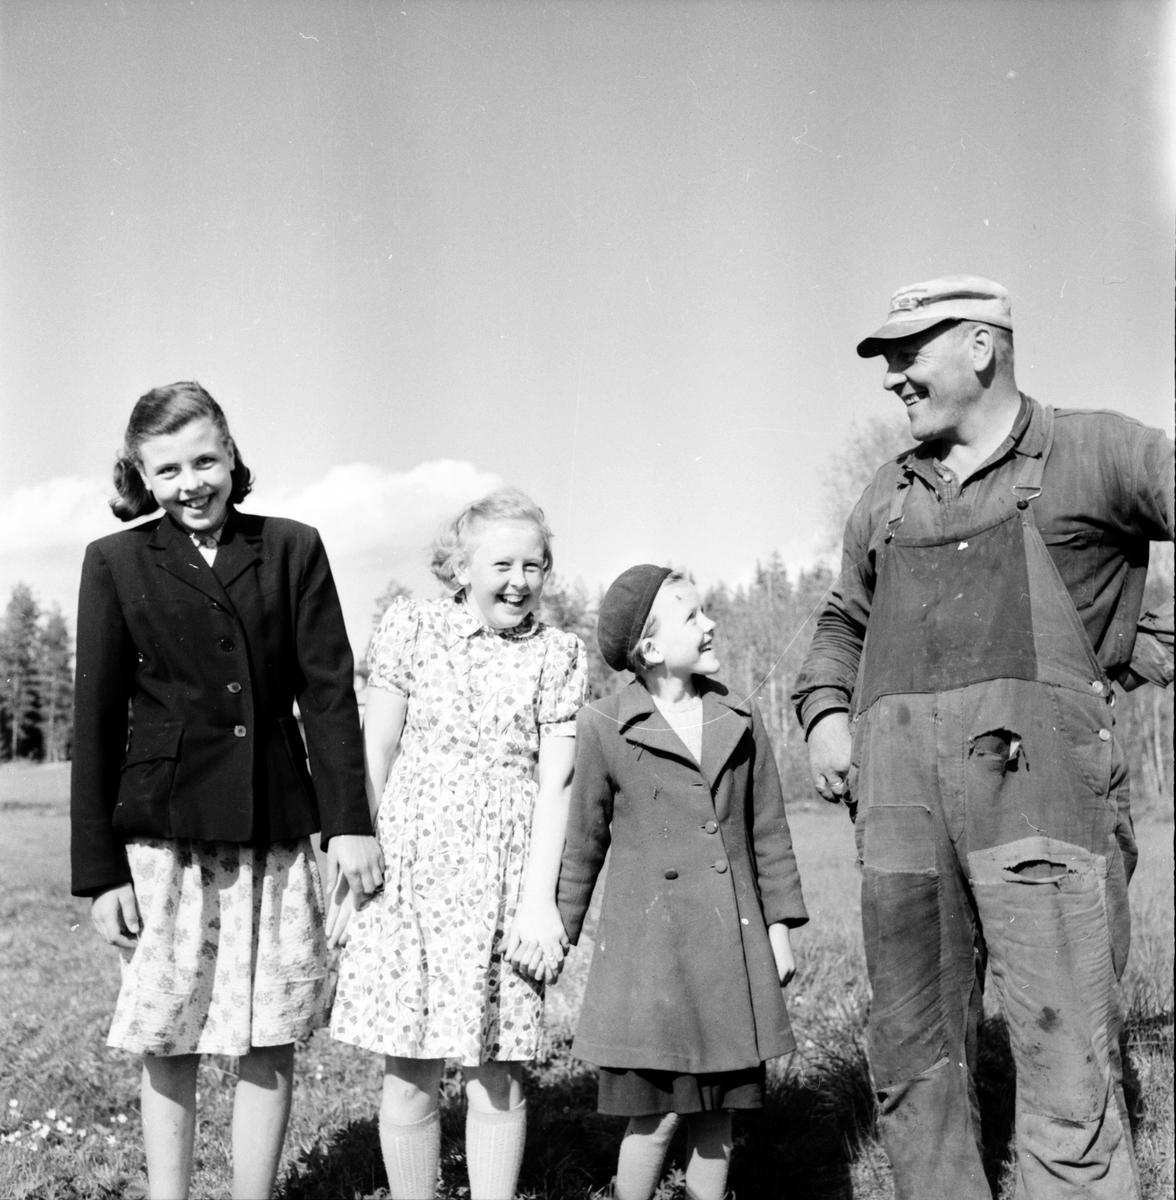 Yxbo, Bollnäs. Lantbruksnämnden på besök, Wård - Olle Sjöberg med Birgit, Karin och Märta. 30 Maj 1956.